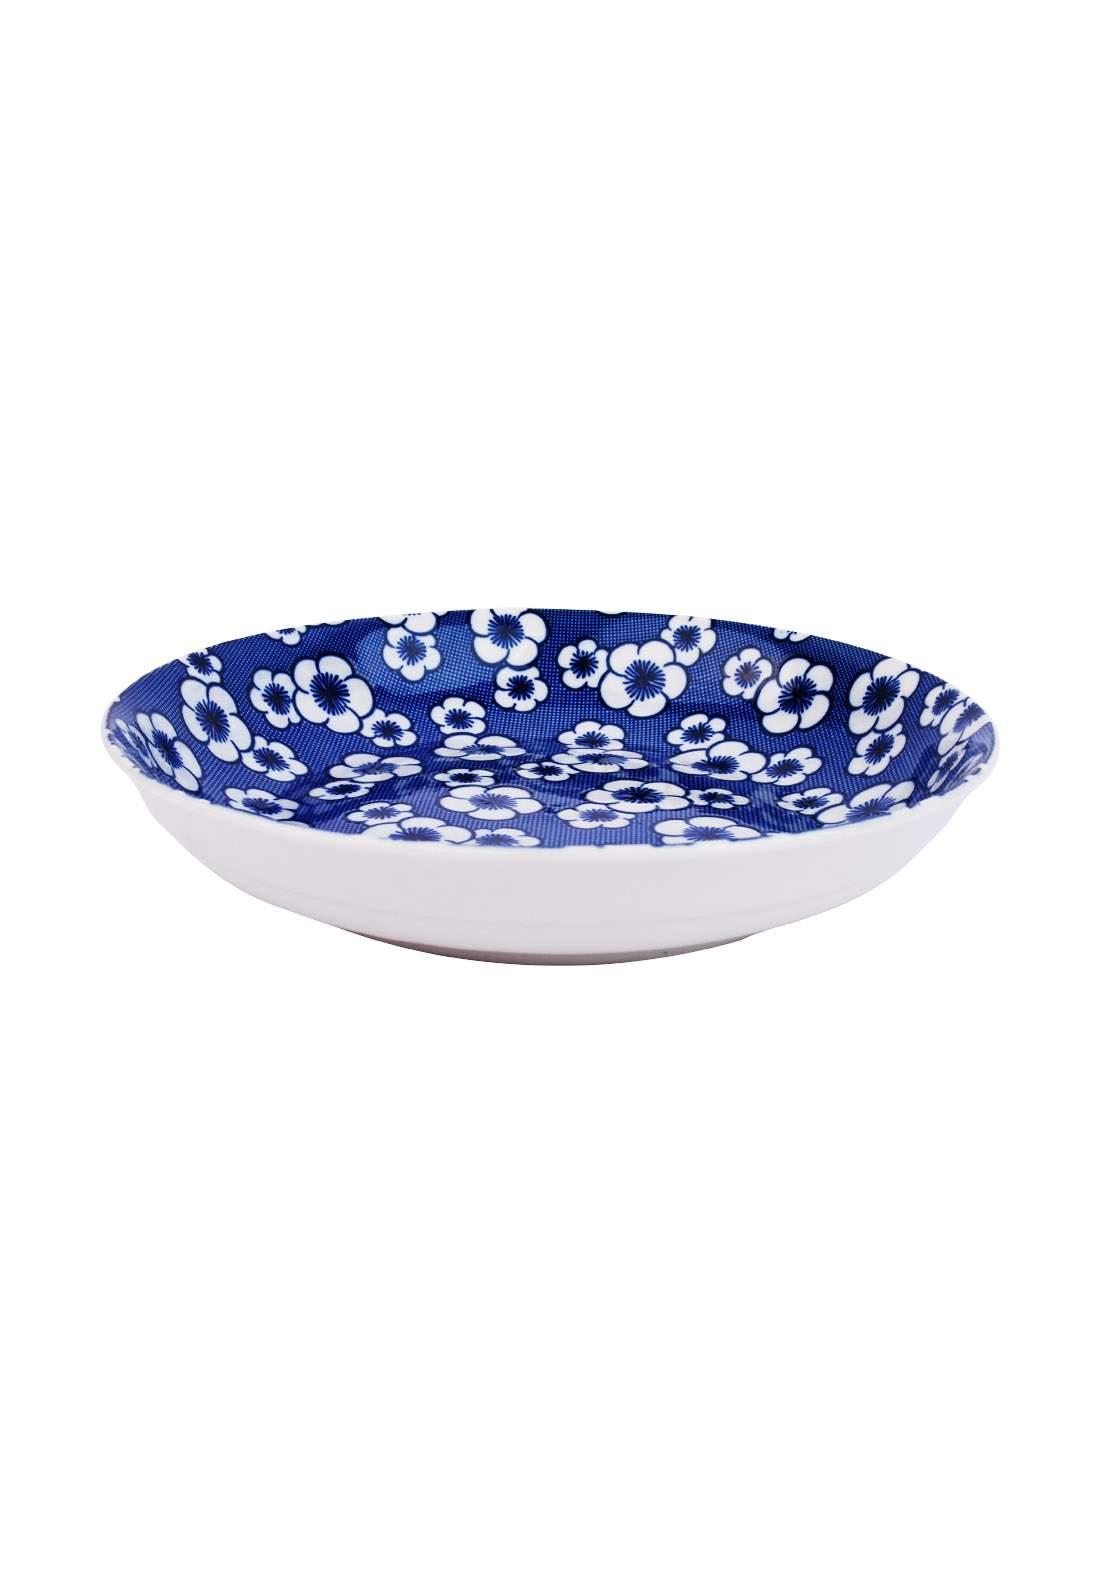 وعاء سيراميك قطعة واحدة ازرق اللون